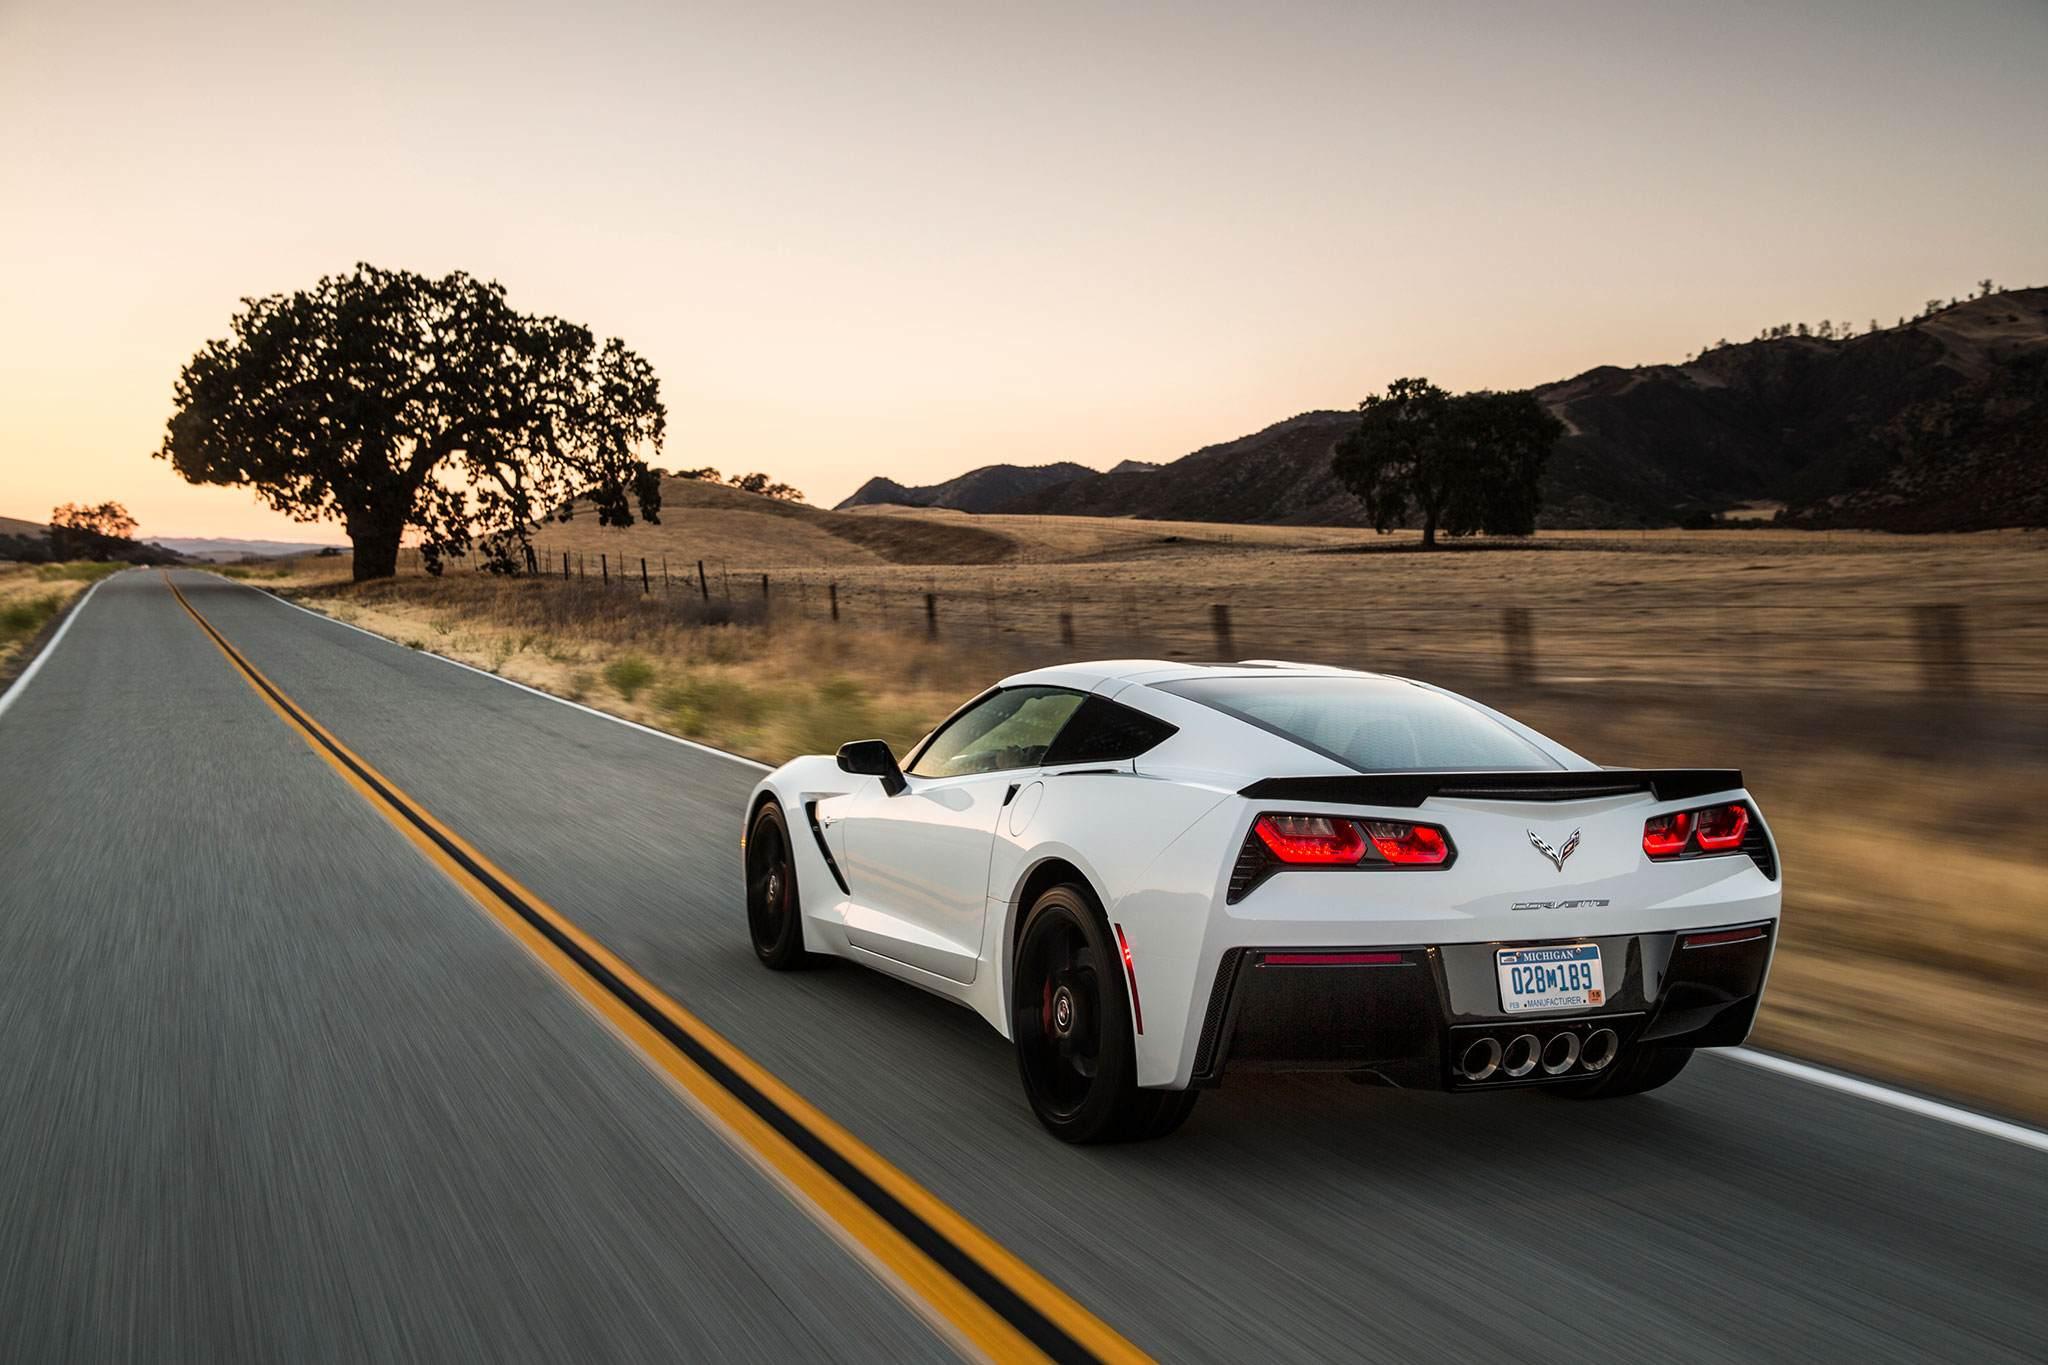 2015-chevrolet-corvette-stingray-rear-drivers-side-in-motion